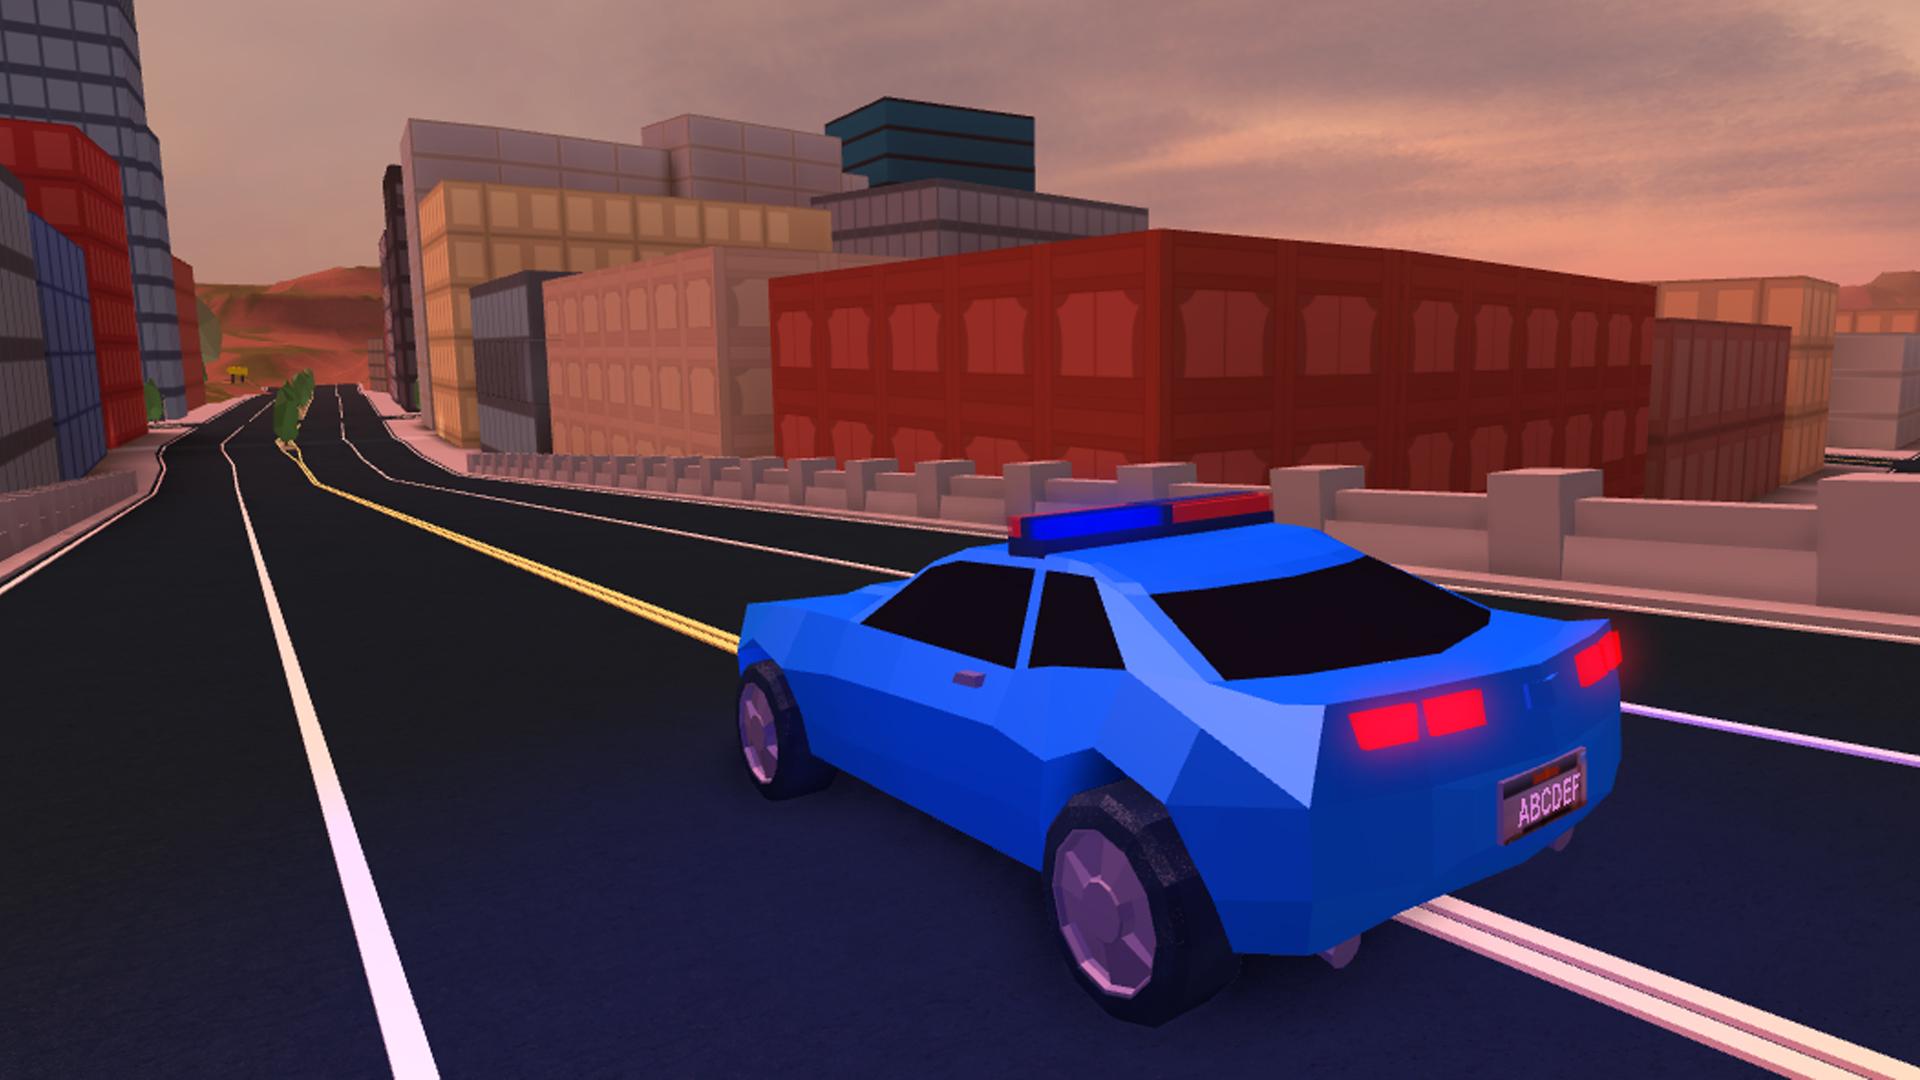 Jailbreak: A Roblox Success Story